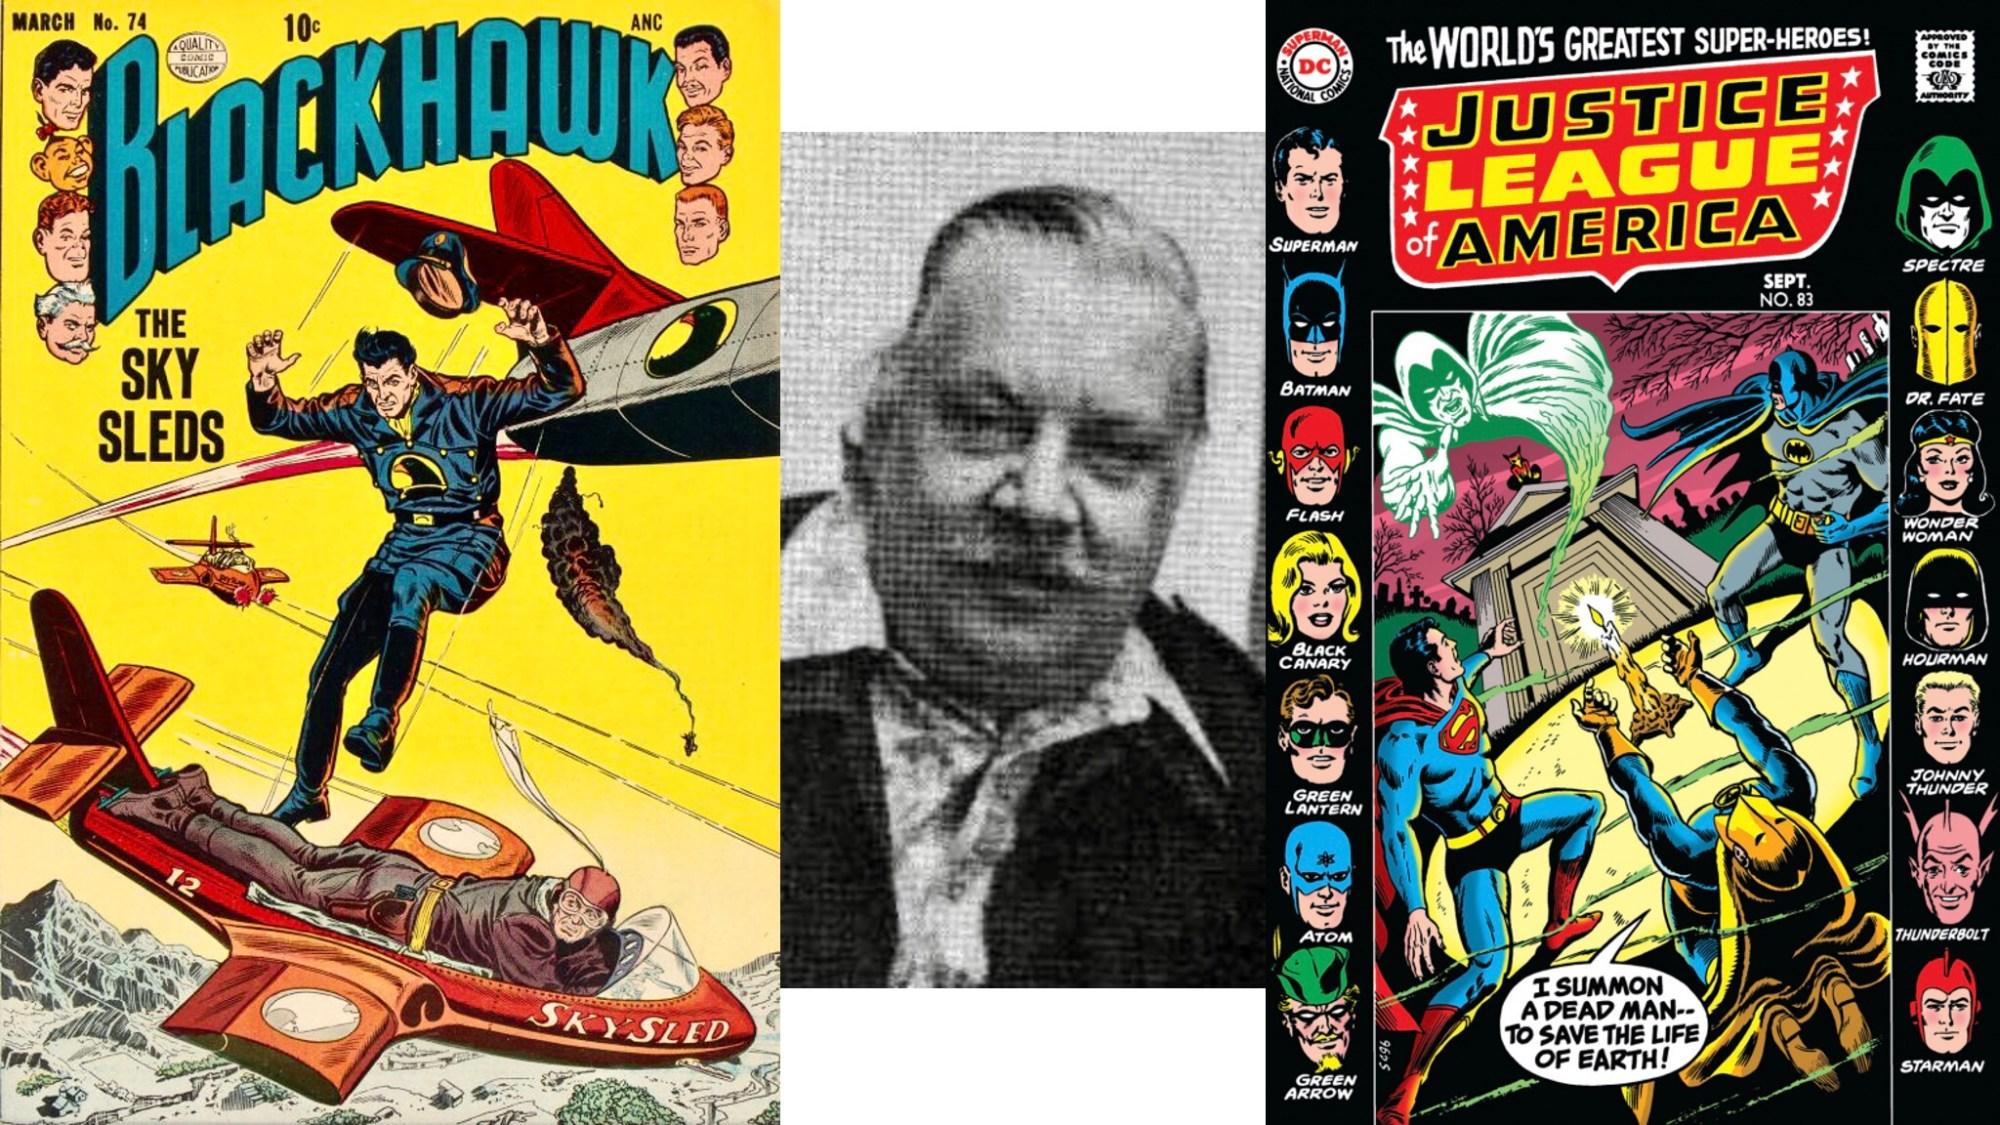 Dick Dillin, tecknare av bland annat Blackhawk och Justice League of America